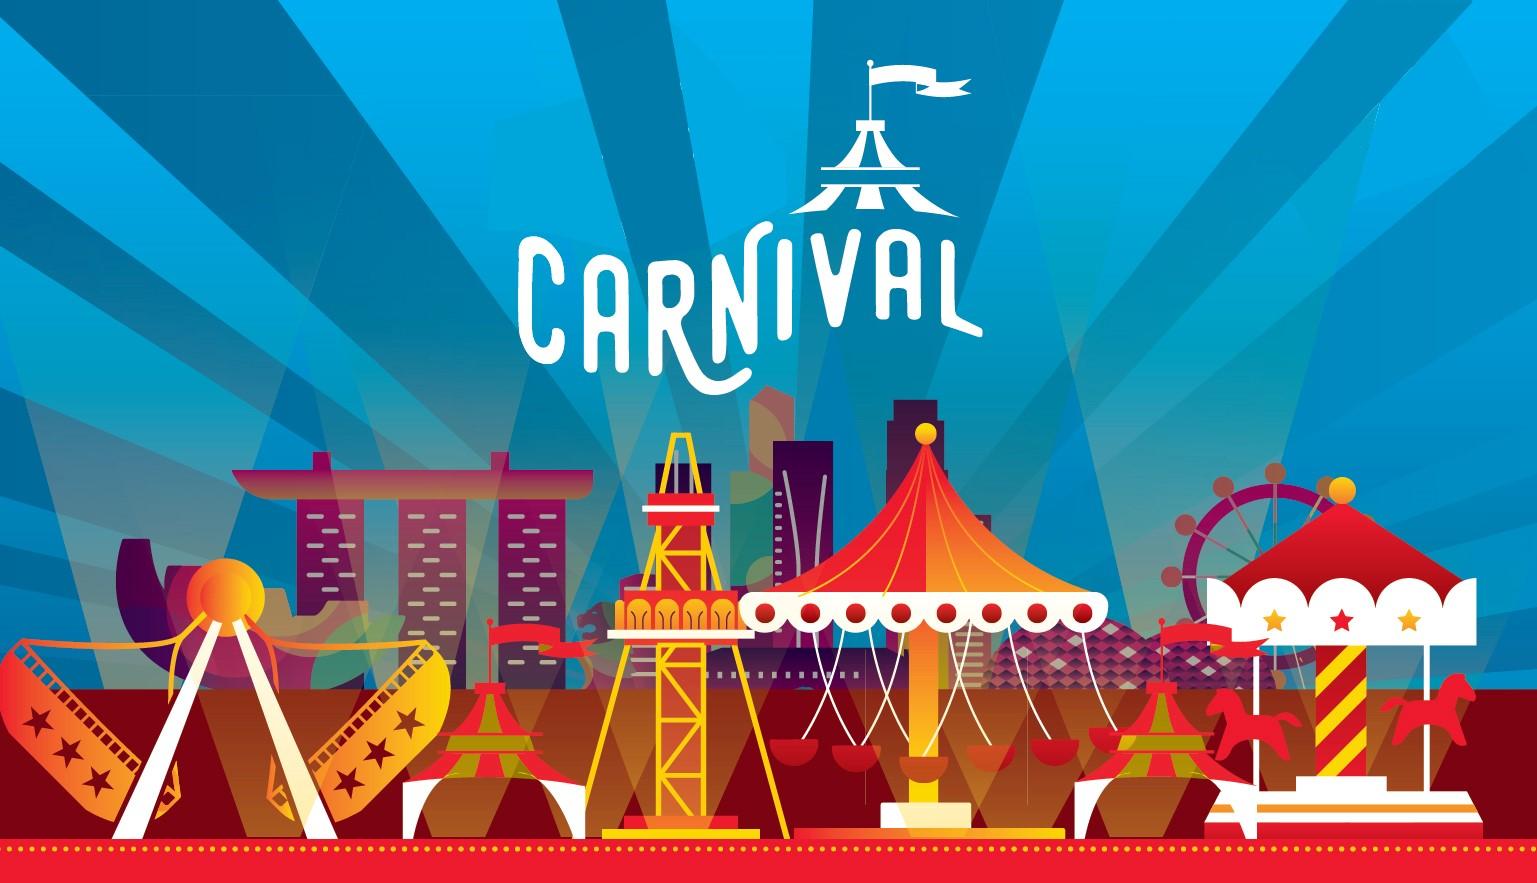 Carnival Party XV Edition - YOUparti space spazio toffetti 25 free gratis